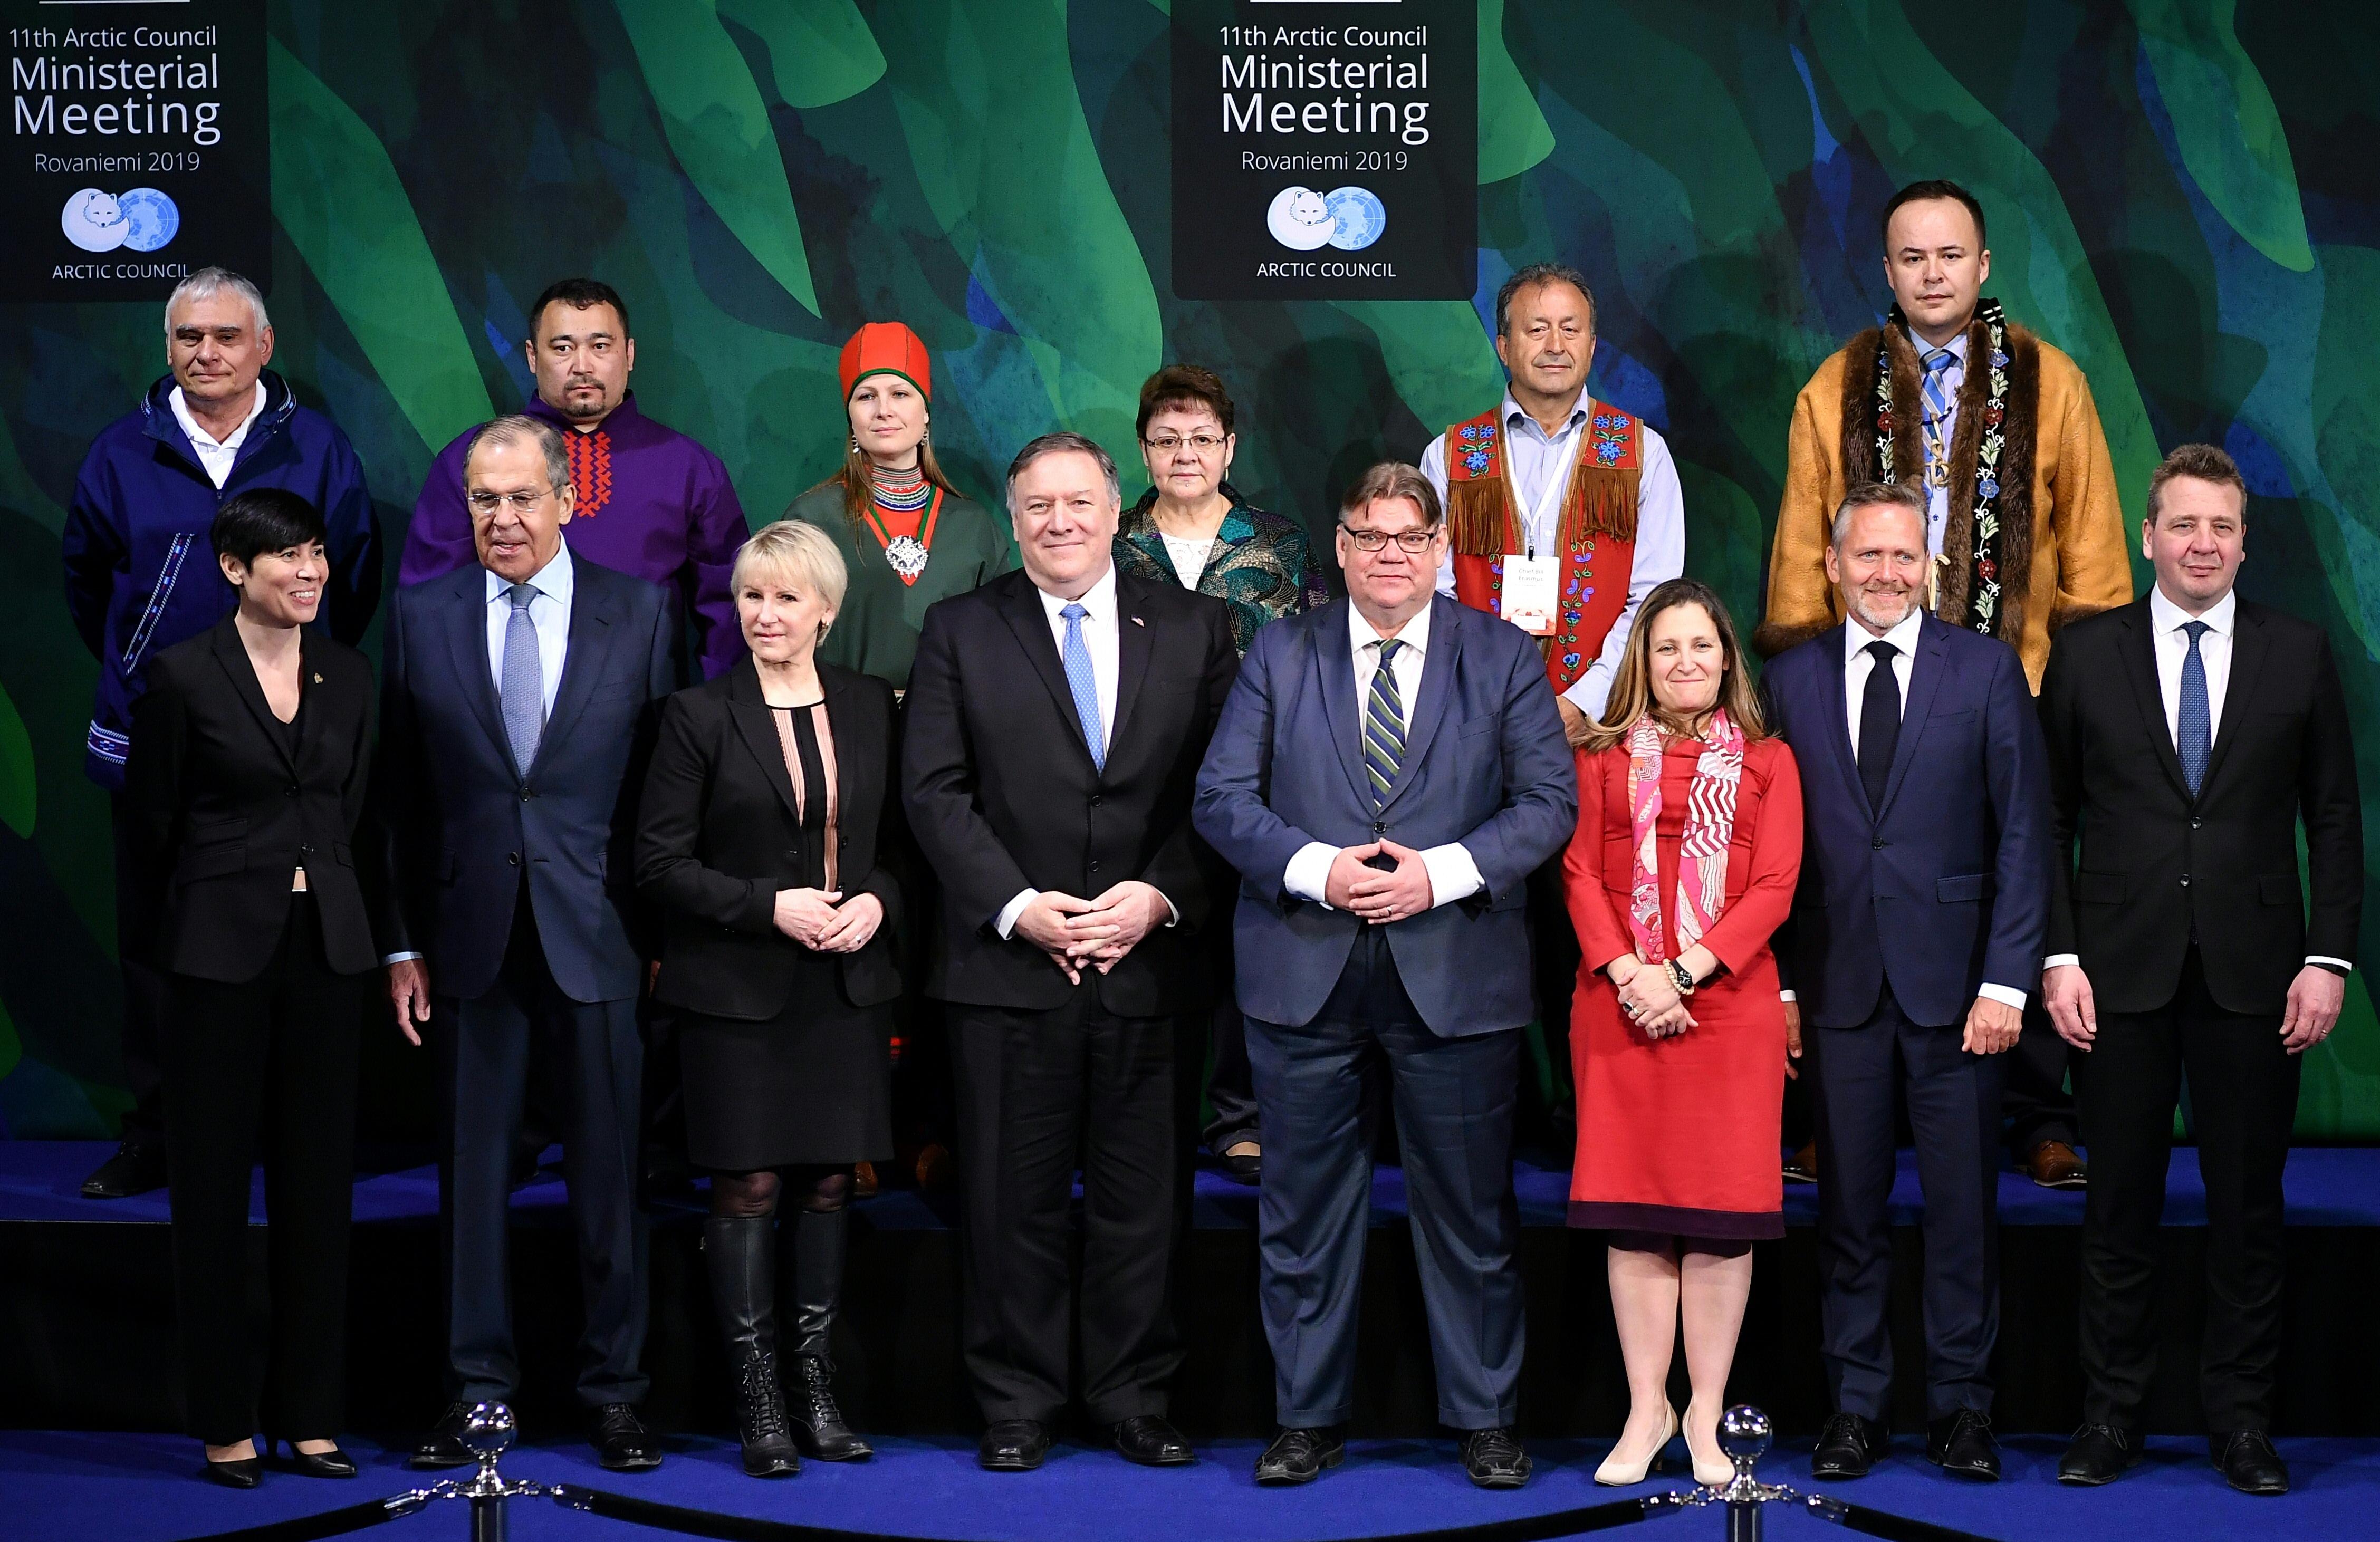 應對中共擴張?北極理事會宣言重申和平